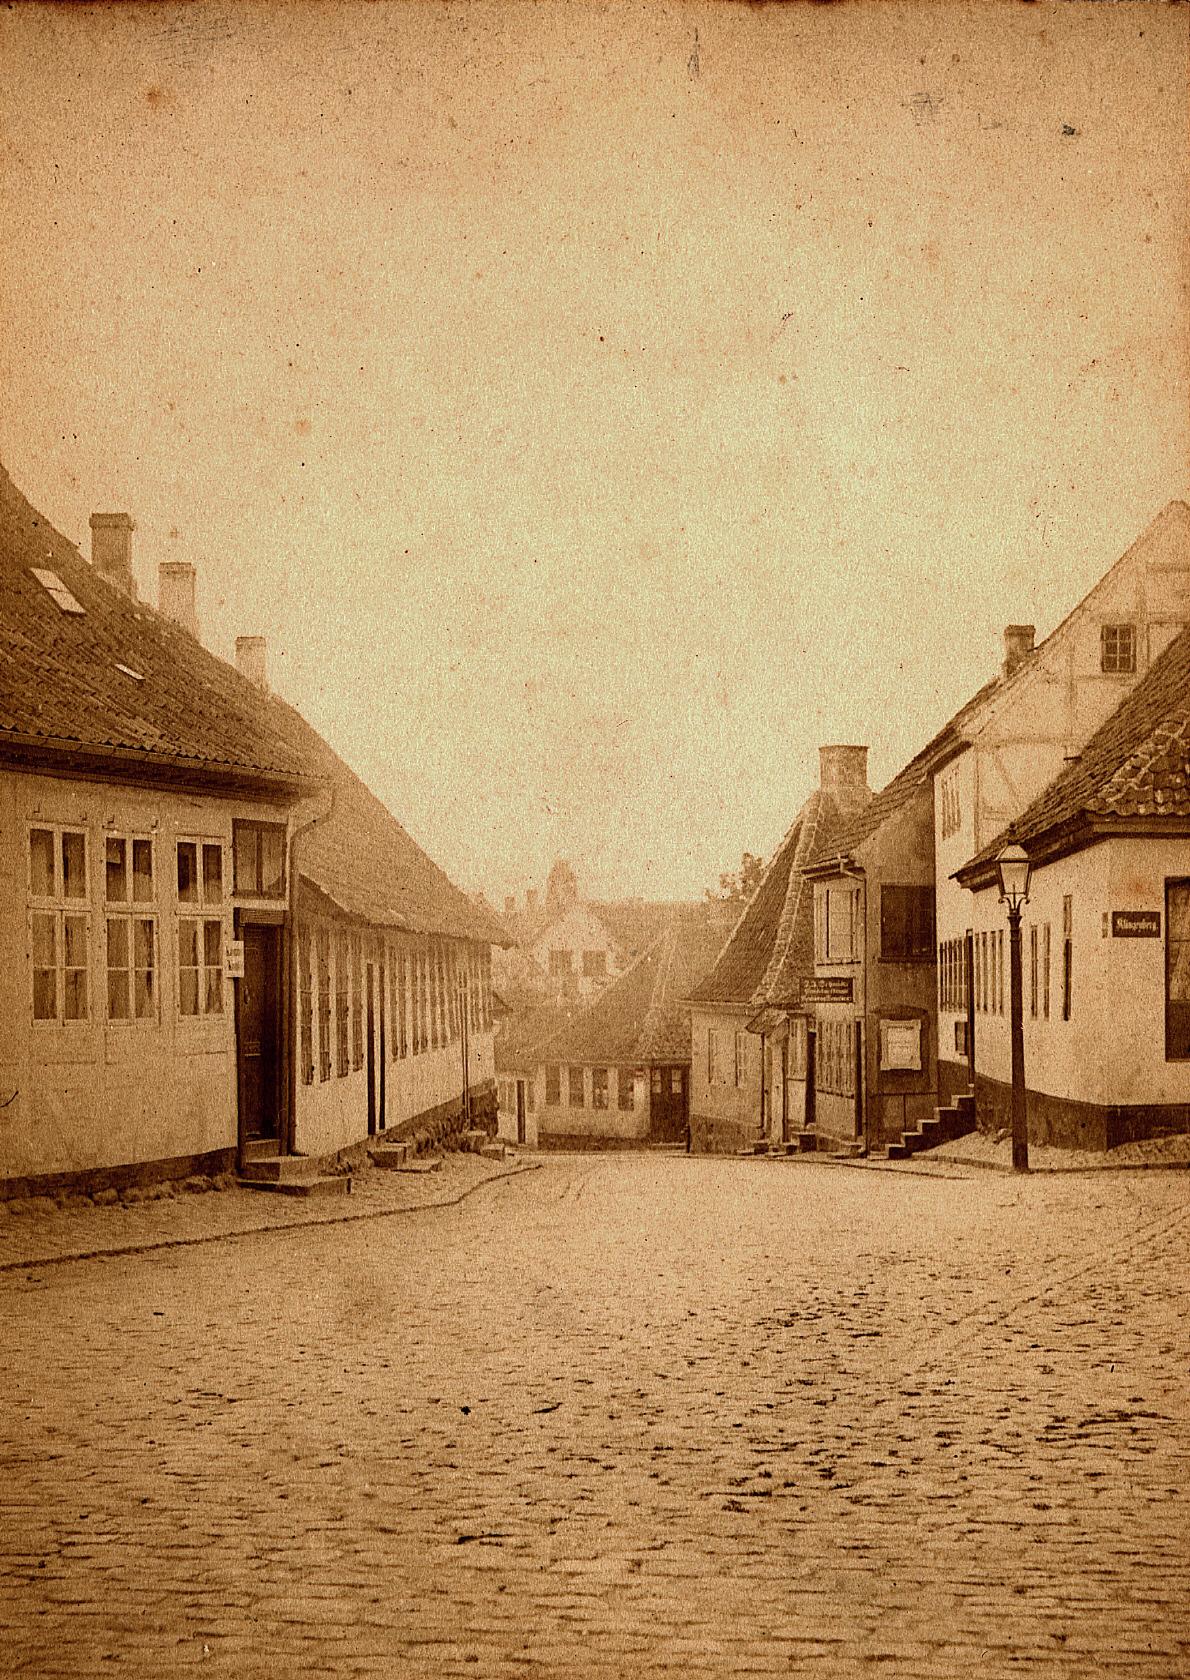 Klngenberg, Munkemøllestræde